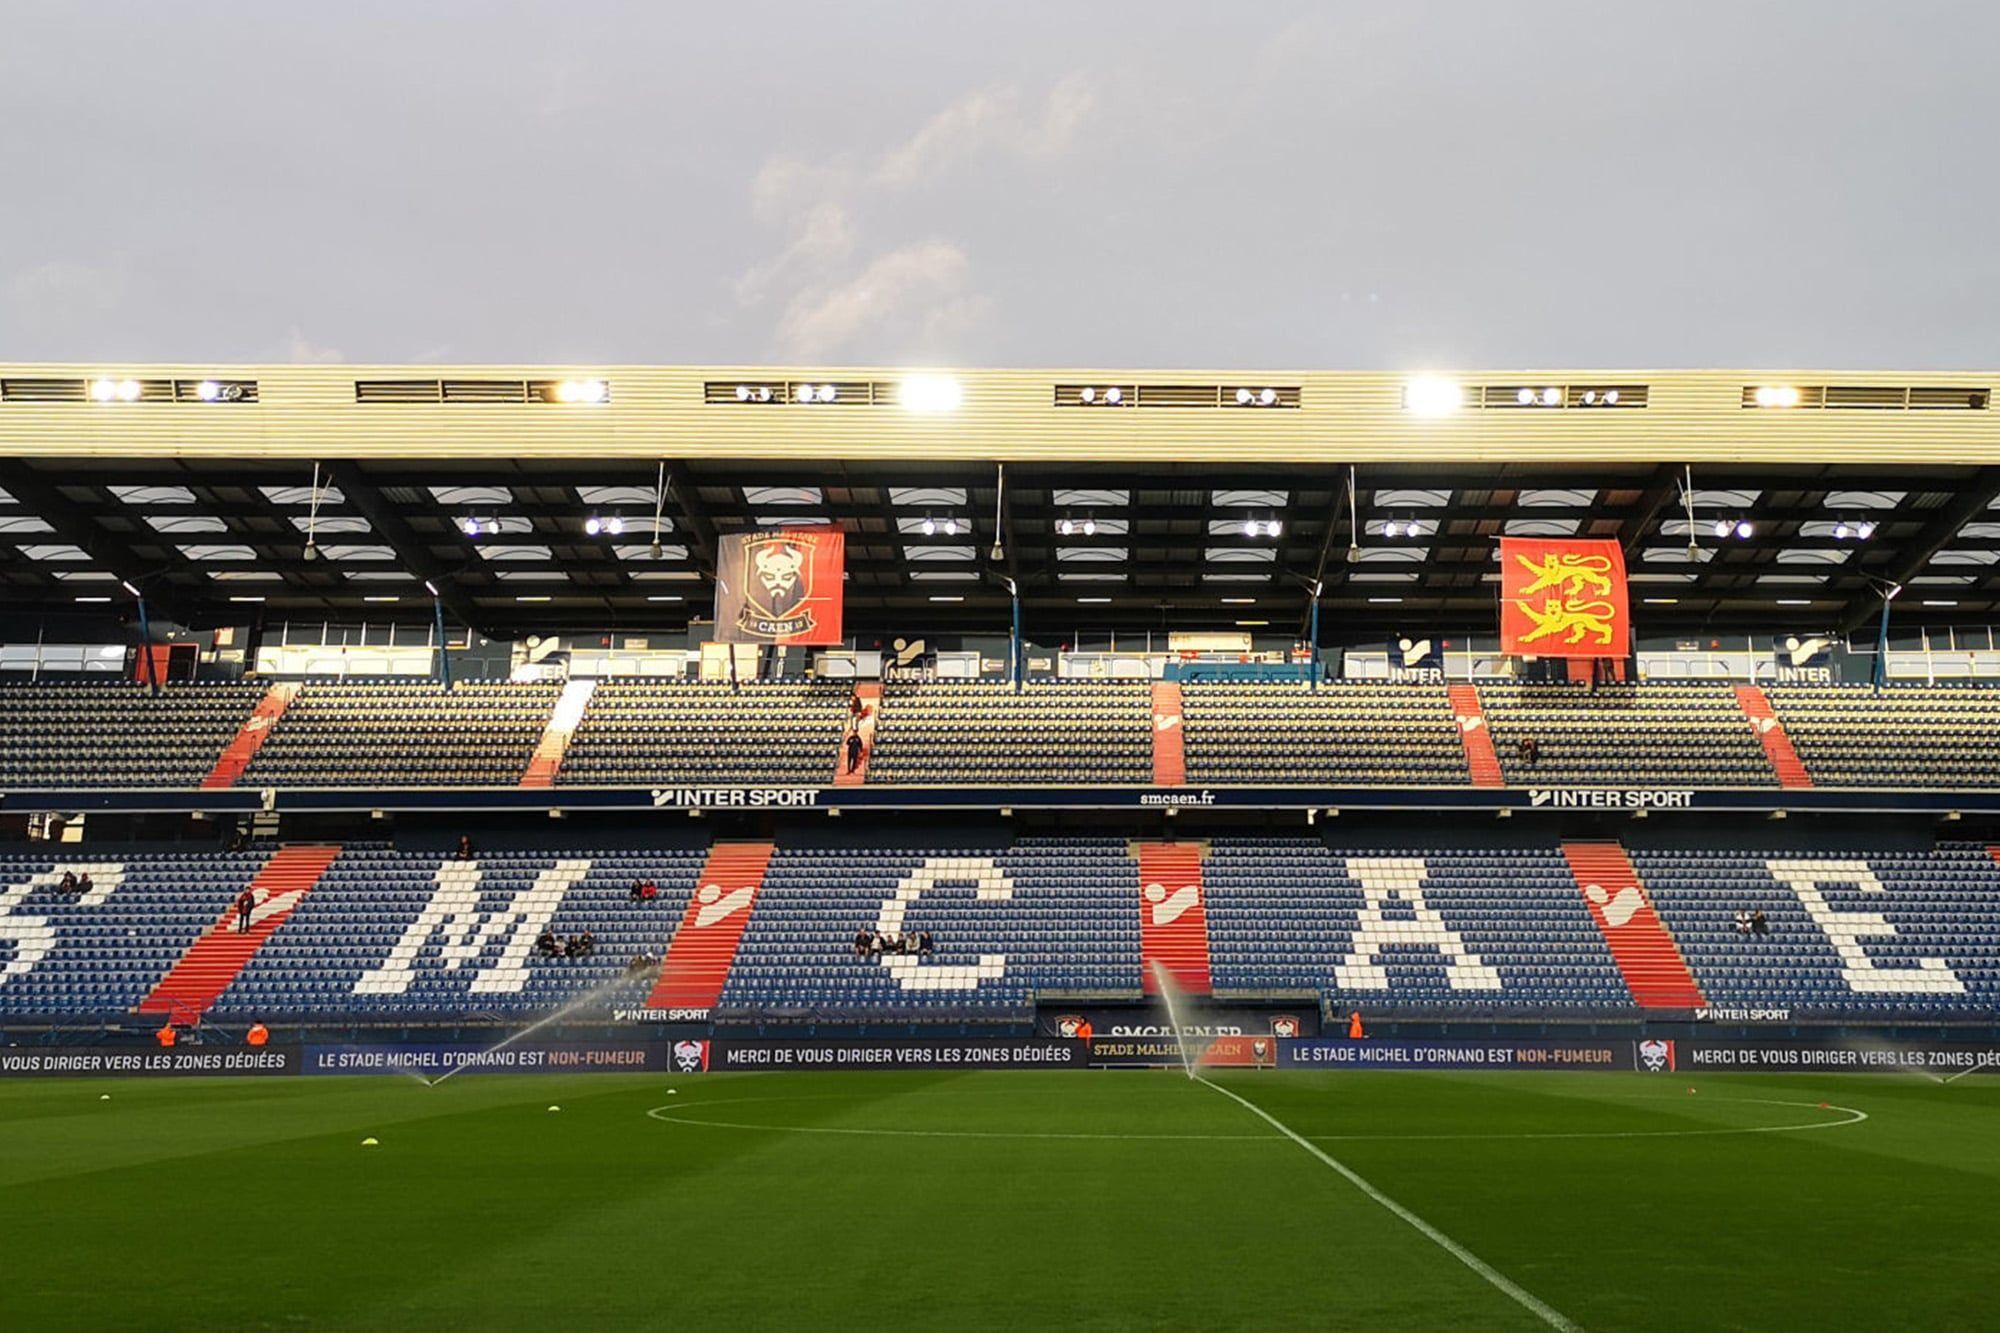 Covid-19 : la jauge d'accueil réduite à 1 000 personnes au stade d'Ornano